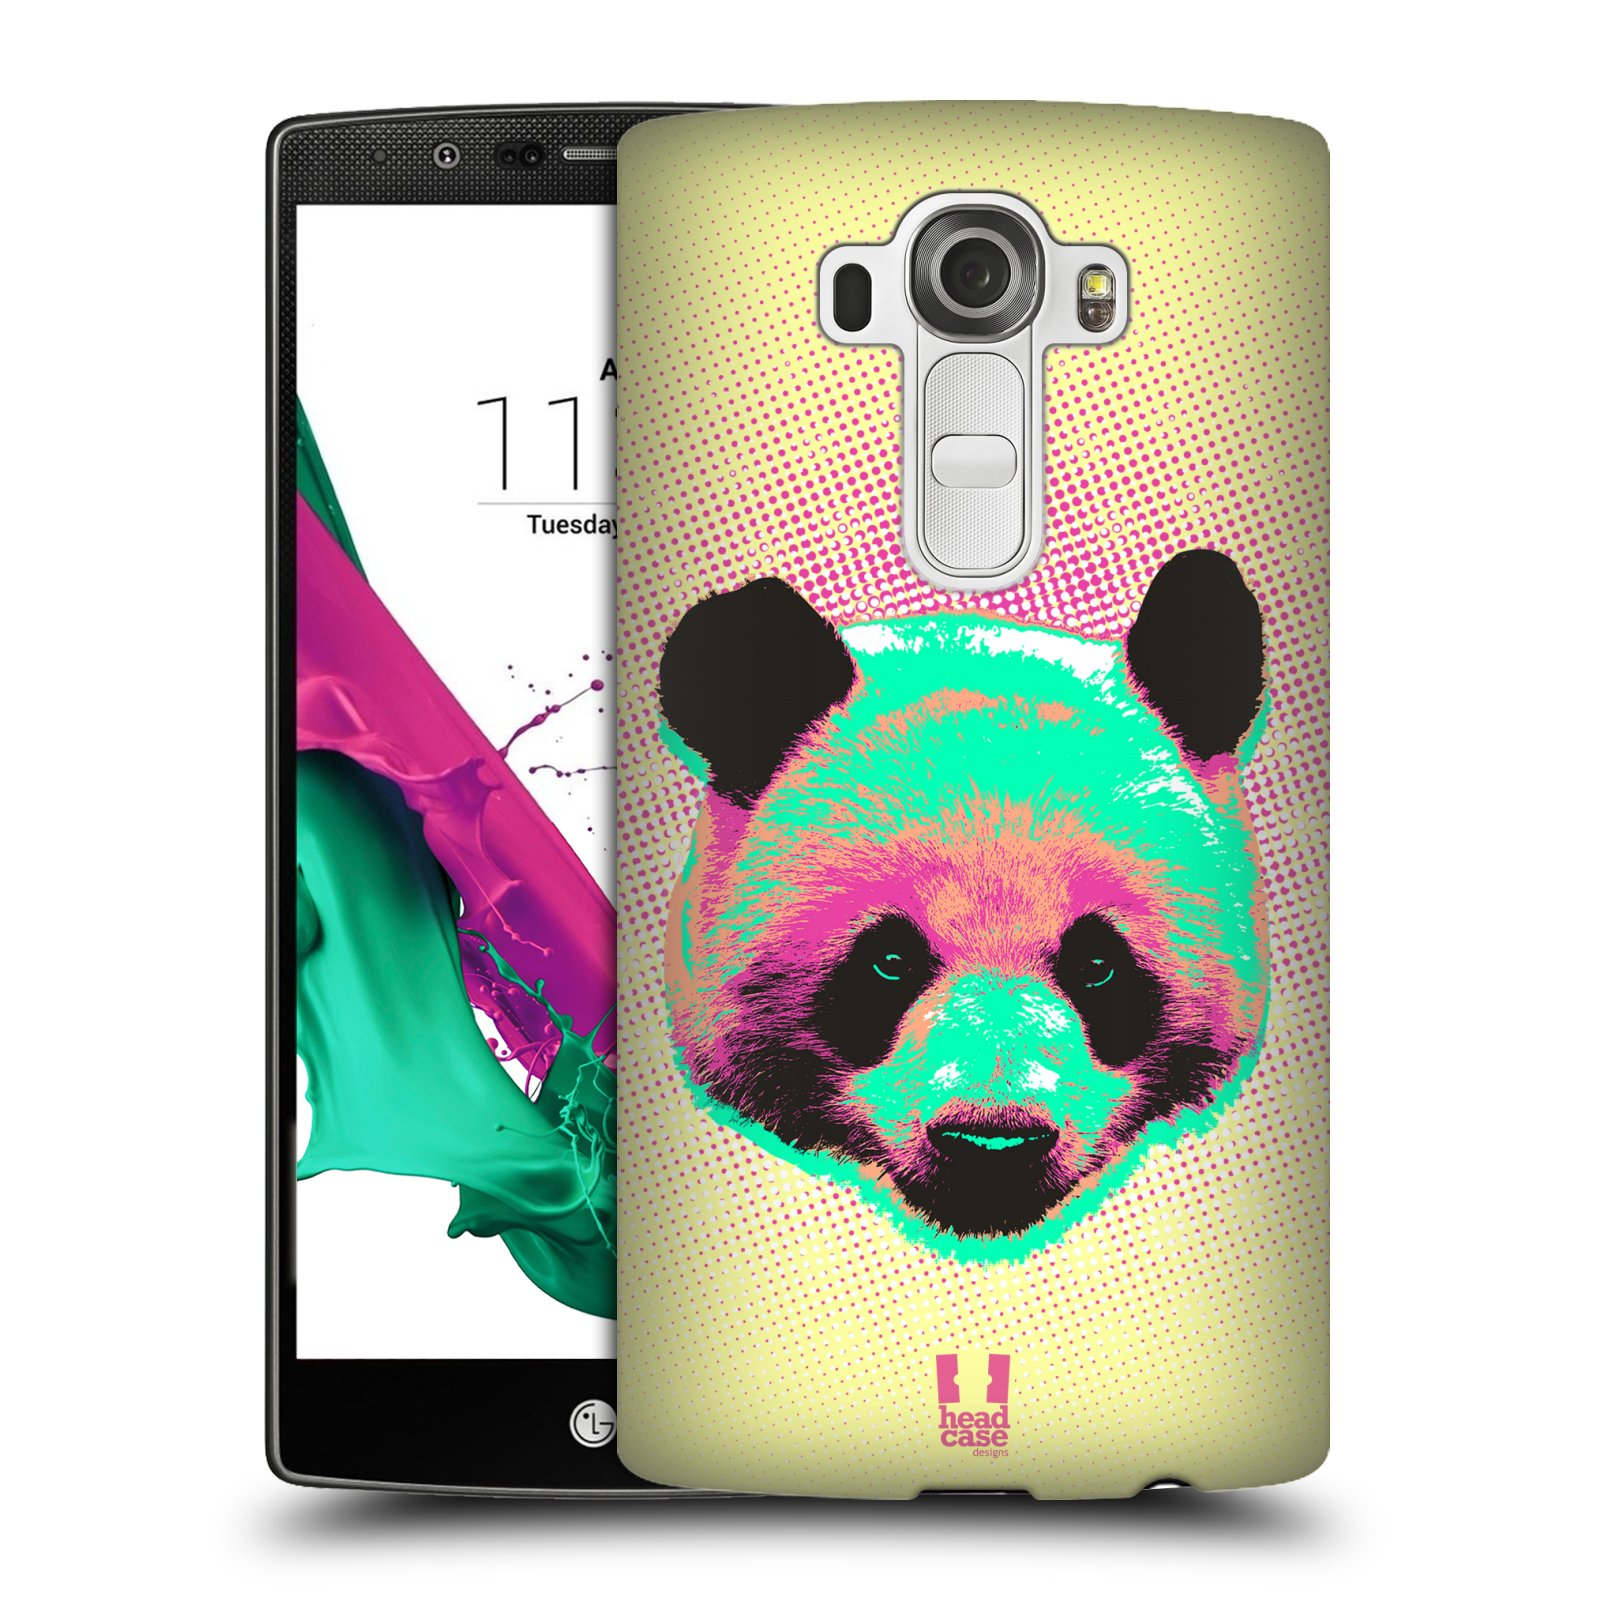 Plastové pouzdro na mobil LG G4 HEAD CASE POP PRINT PANDA (Kryt či obal na mobilní telefon LG G4 H815)